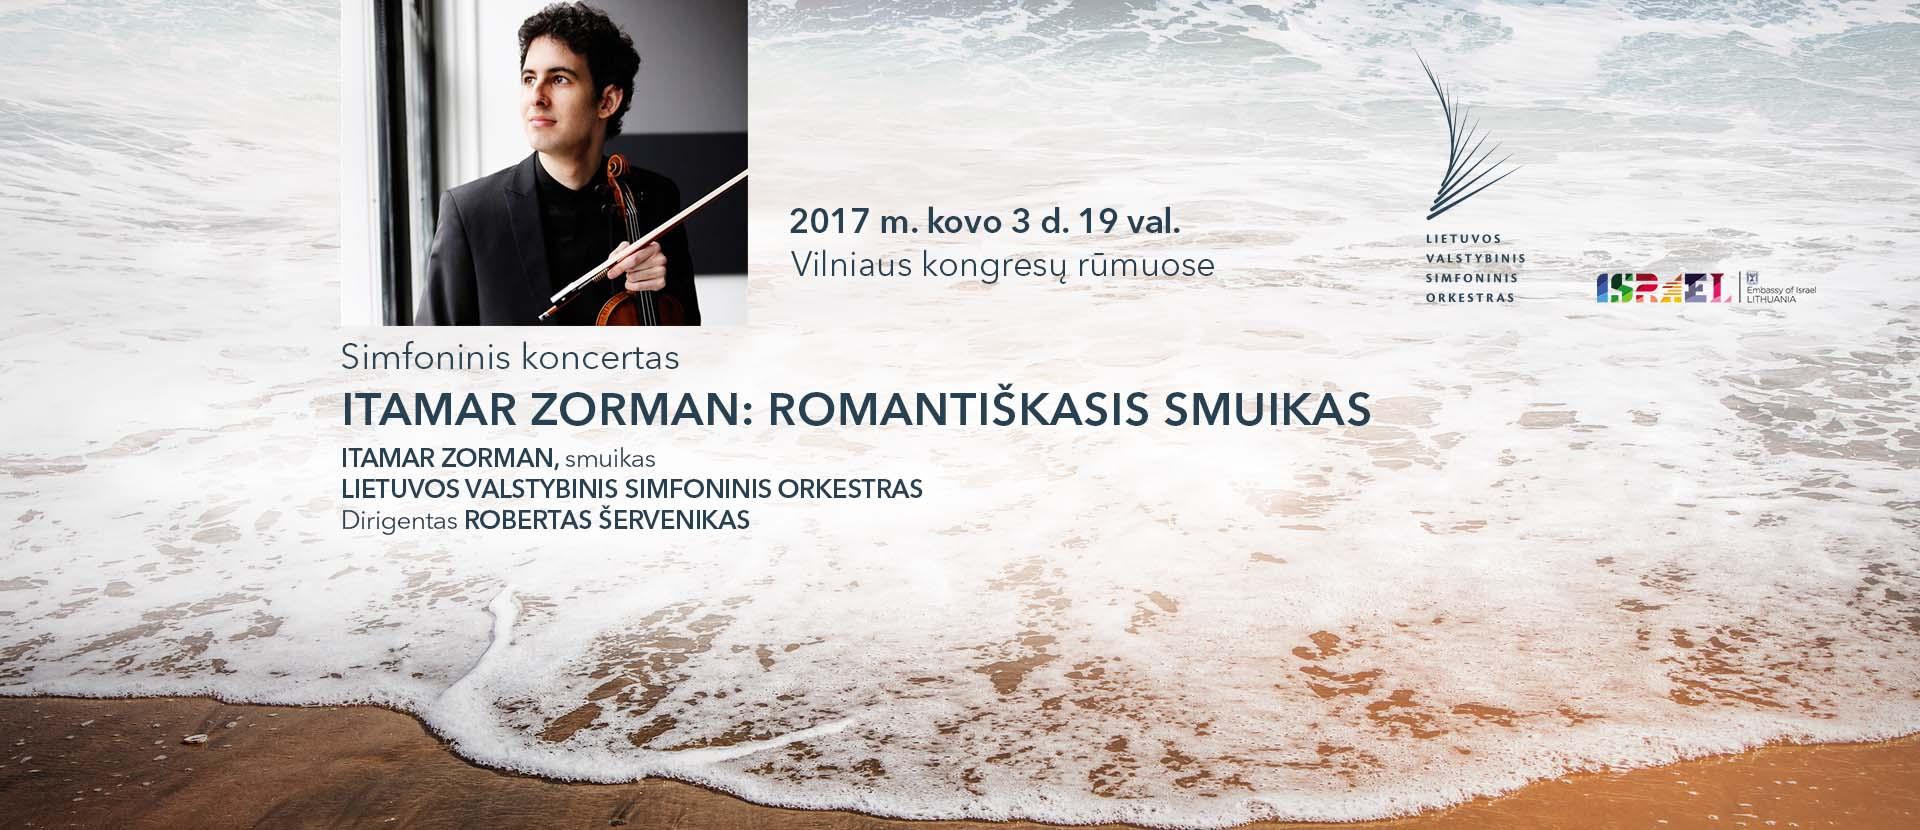 Itamar Zorman: Romantiškasis smuikas